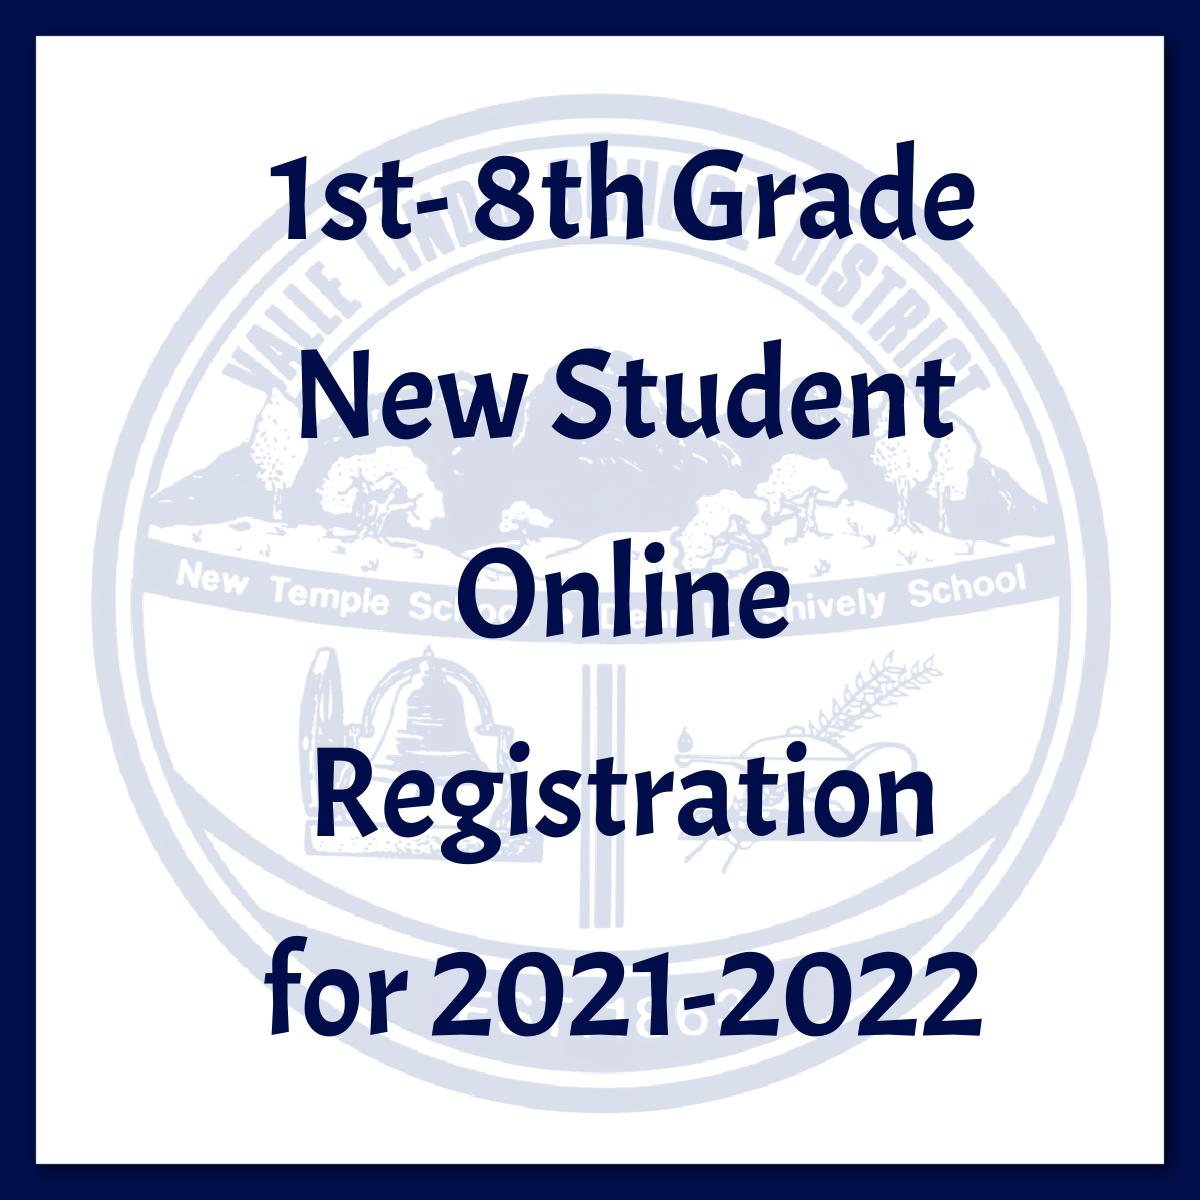 1st - 8th Grade Registration